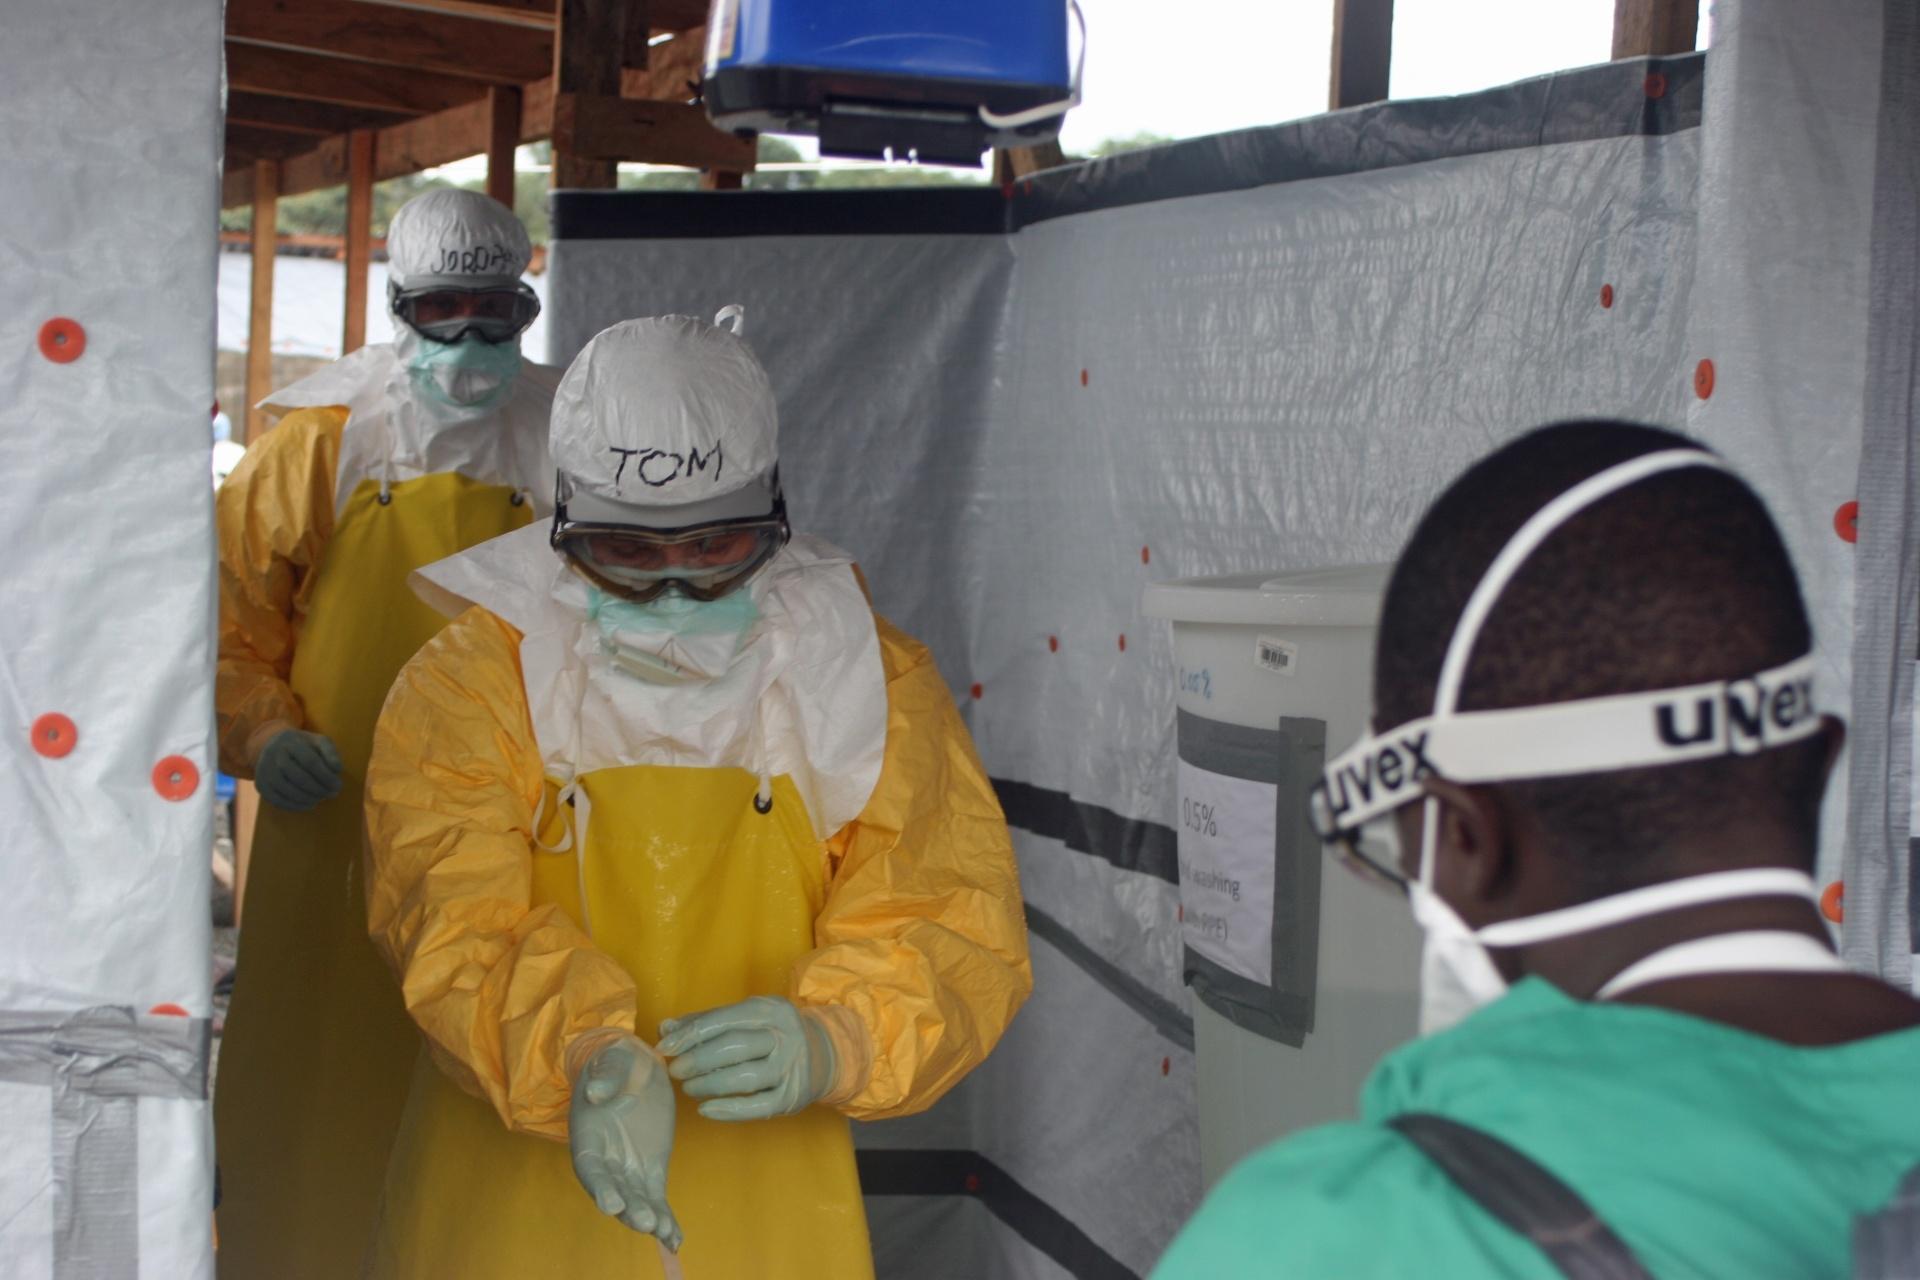 15.abr.2015 - A Organização Mundial da Saúde (OMS) indicou nesta quarta-feira (15) que encontrou vestígios do vírus do ebola no sêmen de um homem na Libéria curado seis meses antes